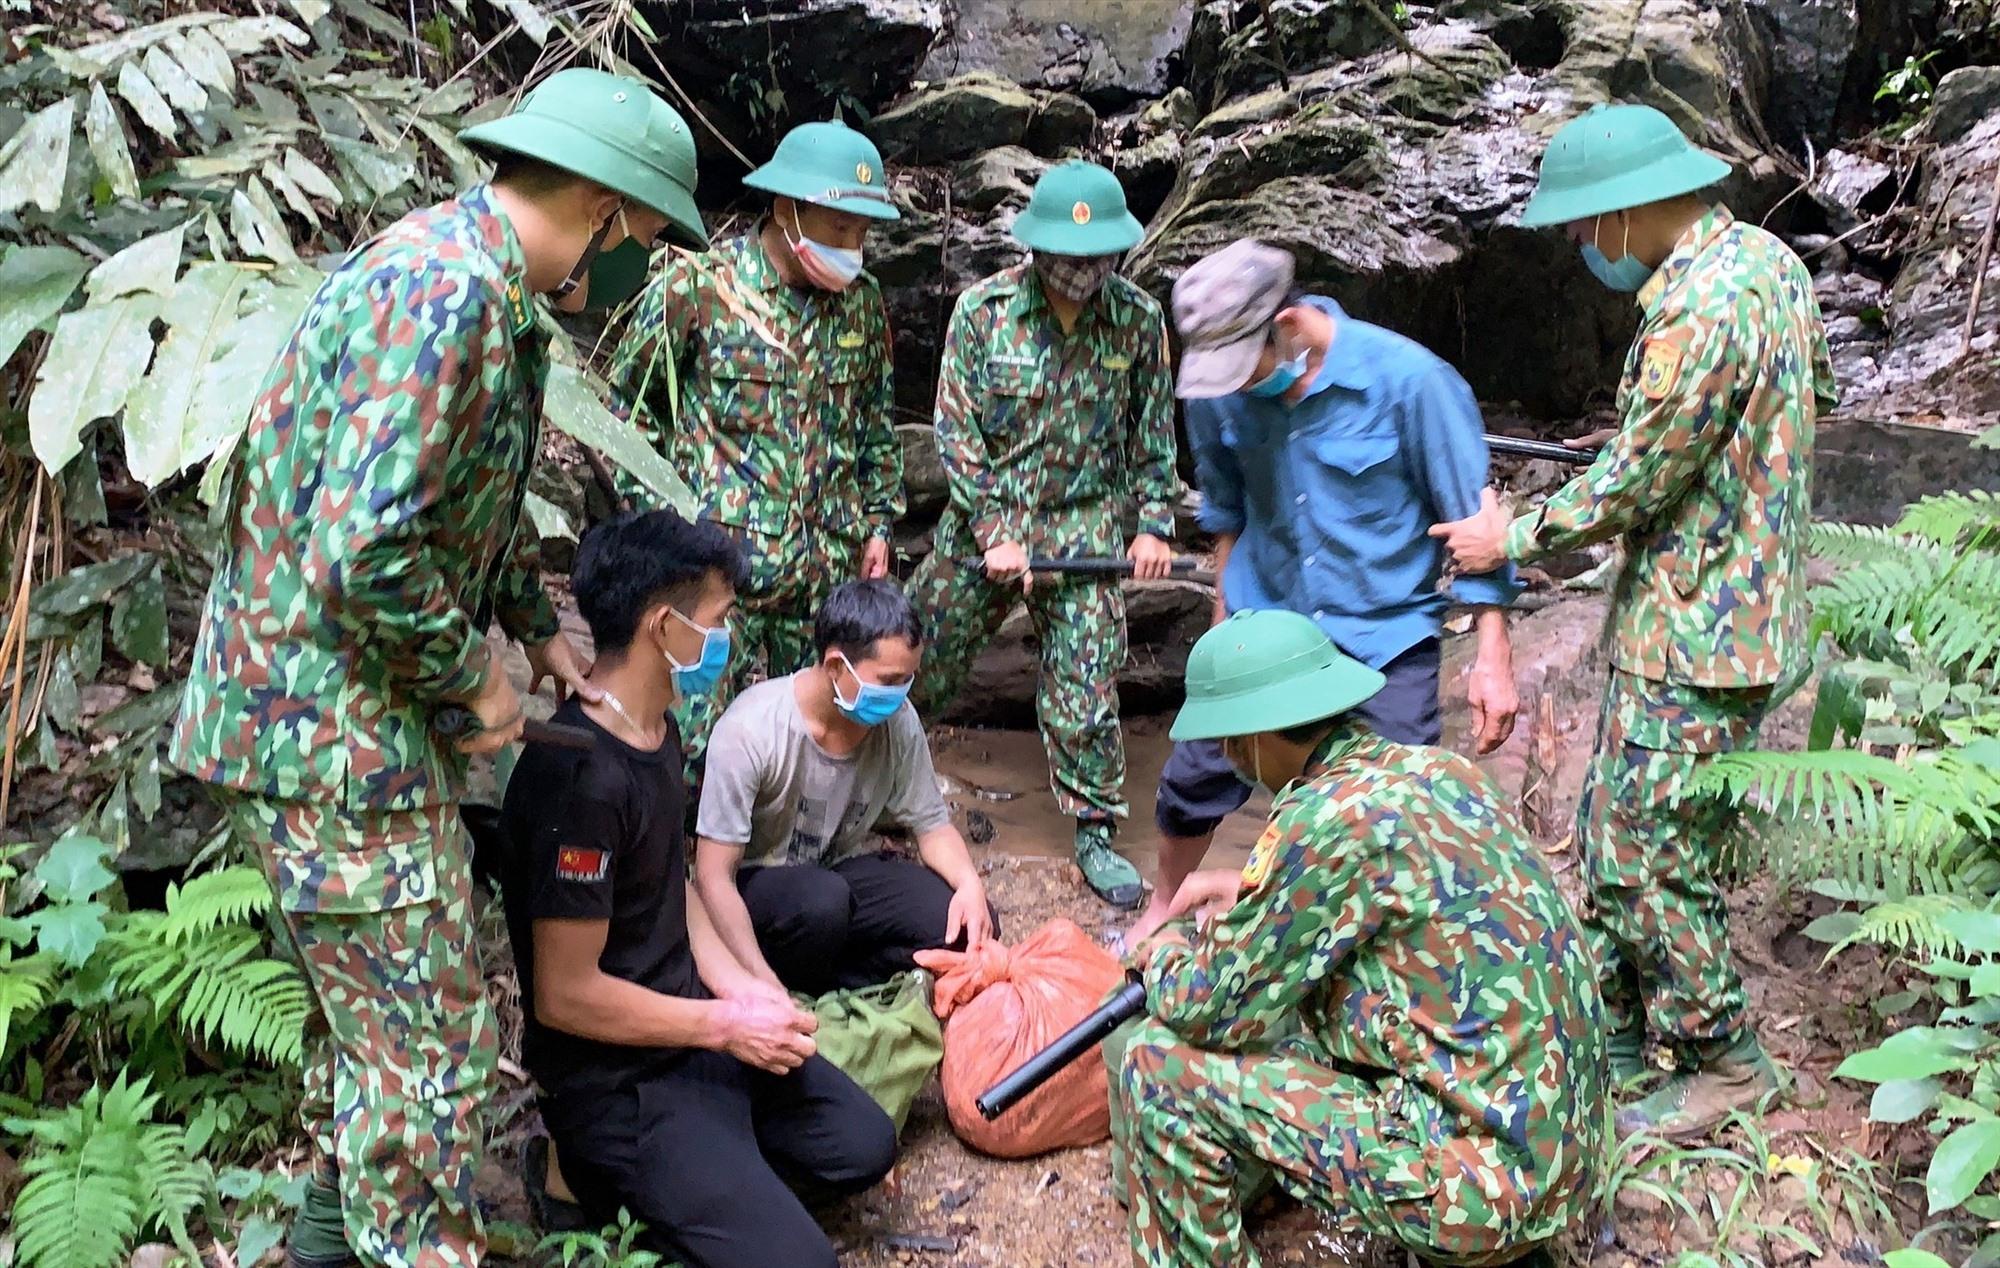 Lực lượng cắm chốt Biên phòng Quảng Nam phát hiện và bắt giữ các đối tượng vượt biên trái phép.